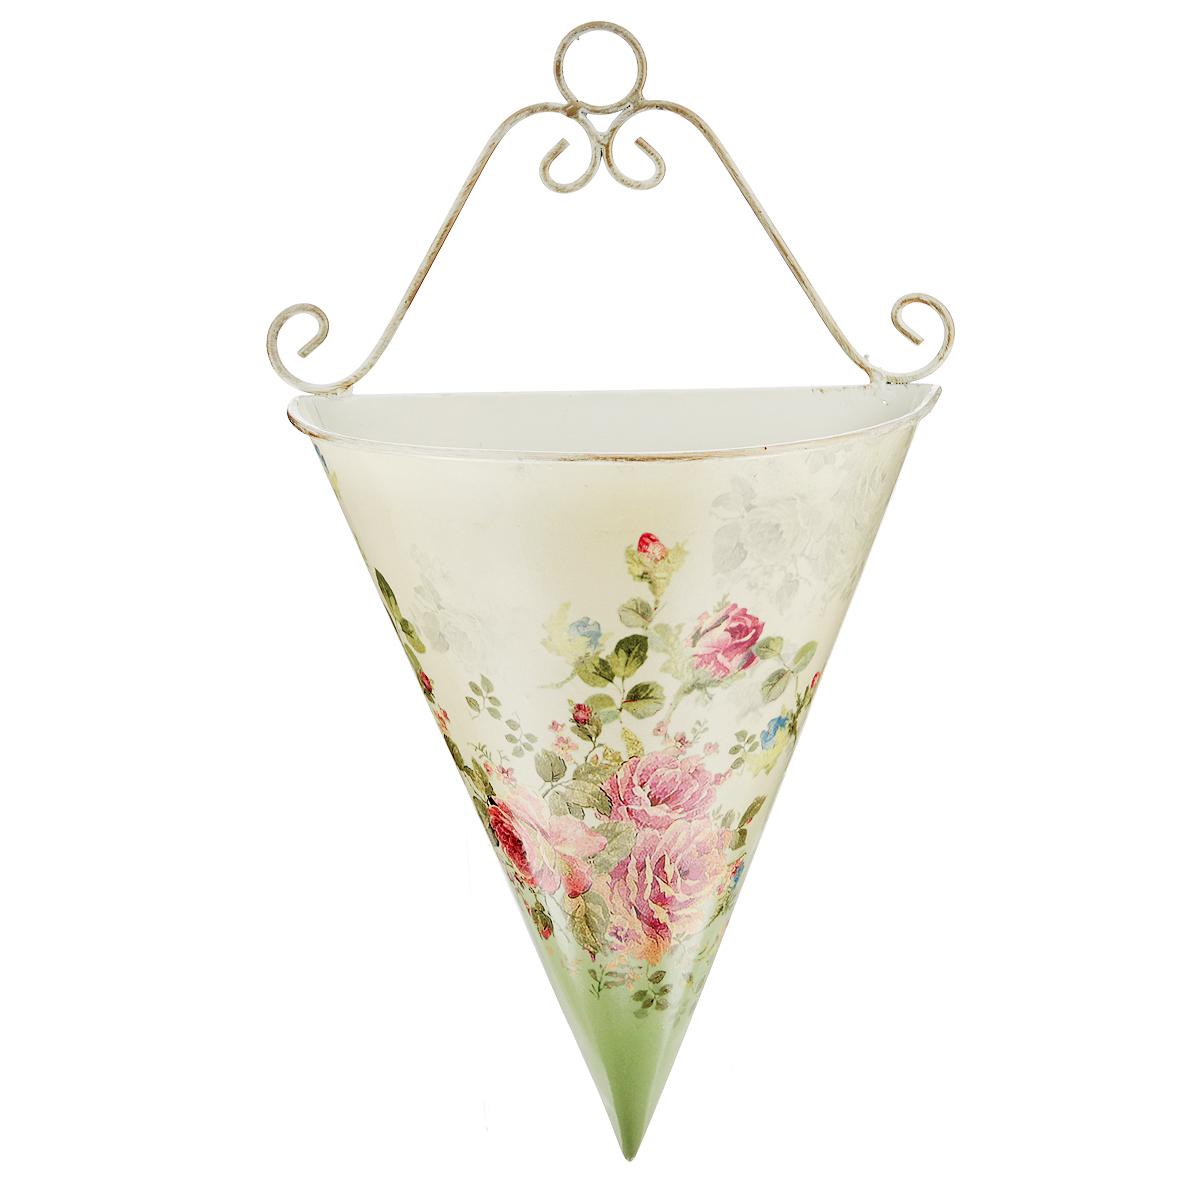 Кашпо-конус GiftnHome Розовый куст, высота 35 смКонус-SКашпо-конус GiftnHome Розовый куст - прекрасное решение для декора дома или дачи. Изготовлено из жести и оформлено красочным цветочным рисунком в винтажном стиле. Декор выполнен в технике декупаж. Кашпо подвешивается к стене. Изделие предназначено для интерьерного оформления жилого помещения. Оно прекрасно дополнит интерьер и добавит в обычную обстановку нотки романтики и изящества. Кашпо не герметично - не рекомендуется наполнять водой.